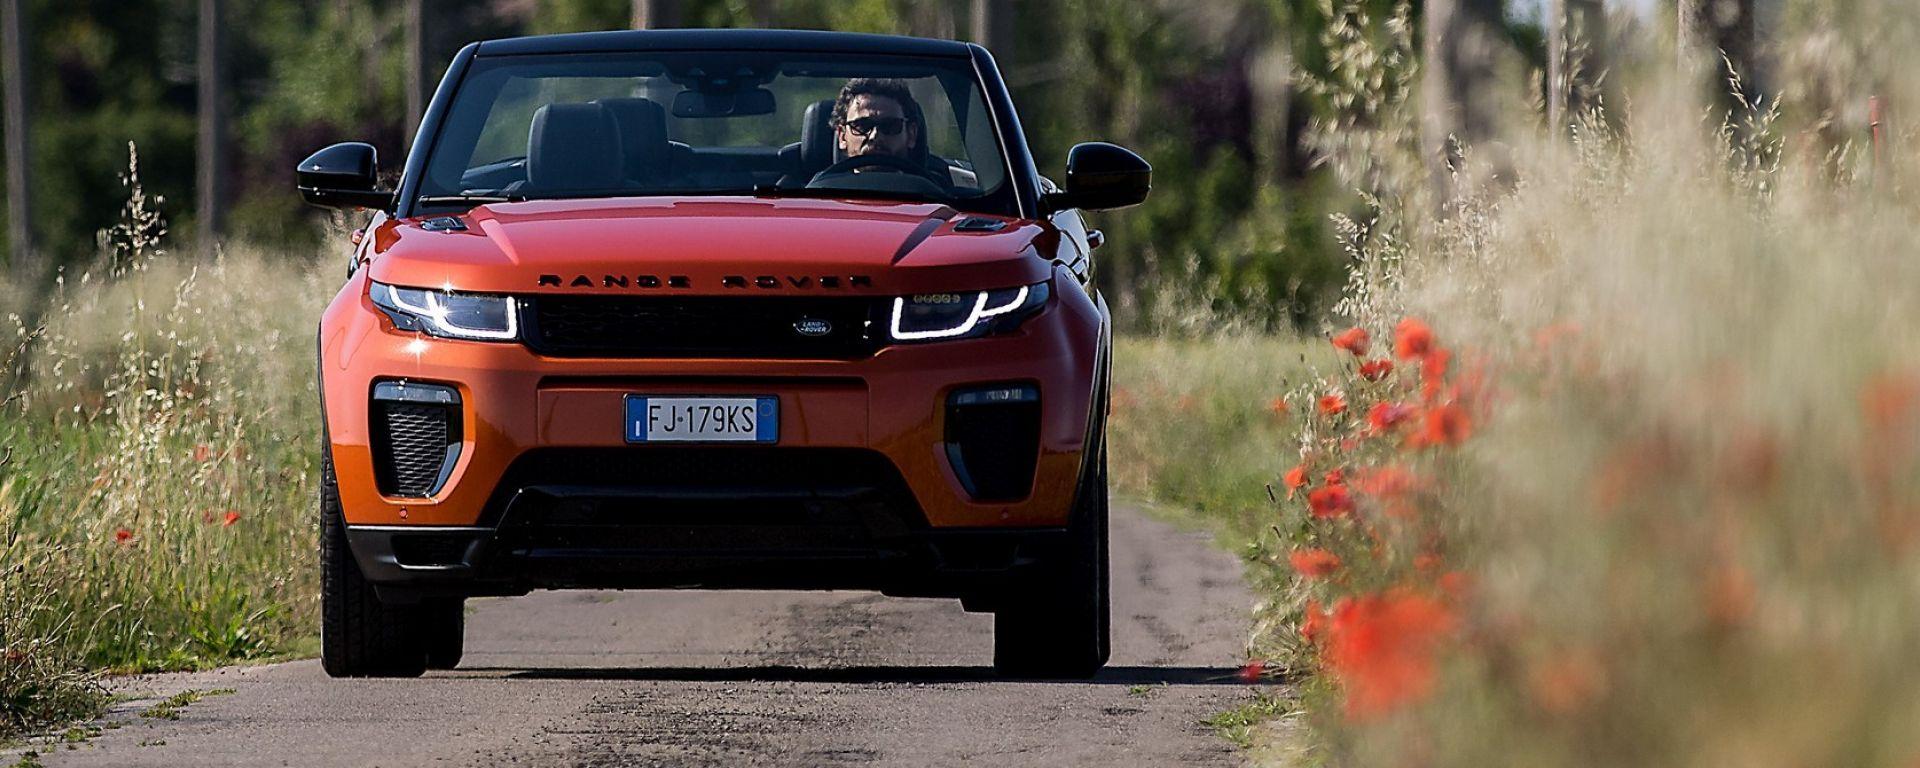 Range Rover Evoque Cabrio, la prova su strada